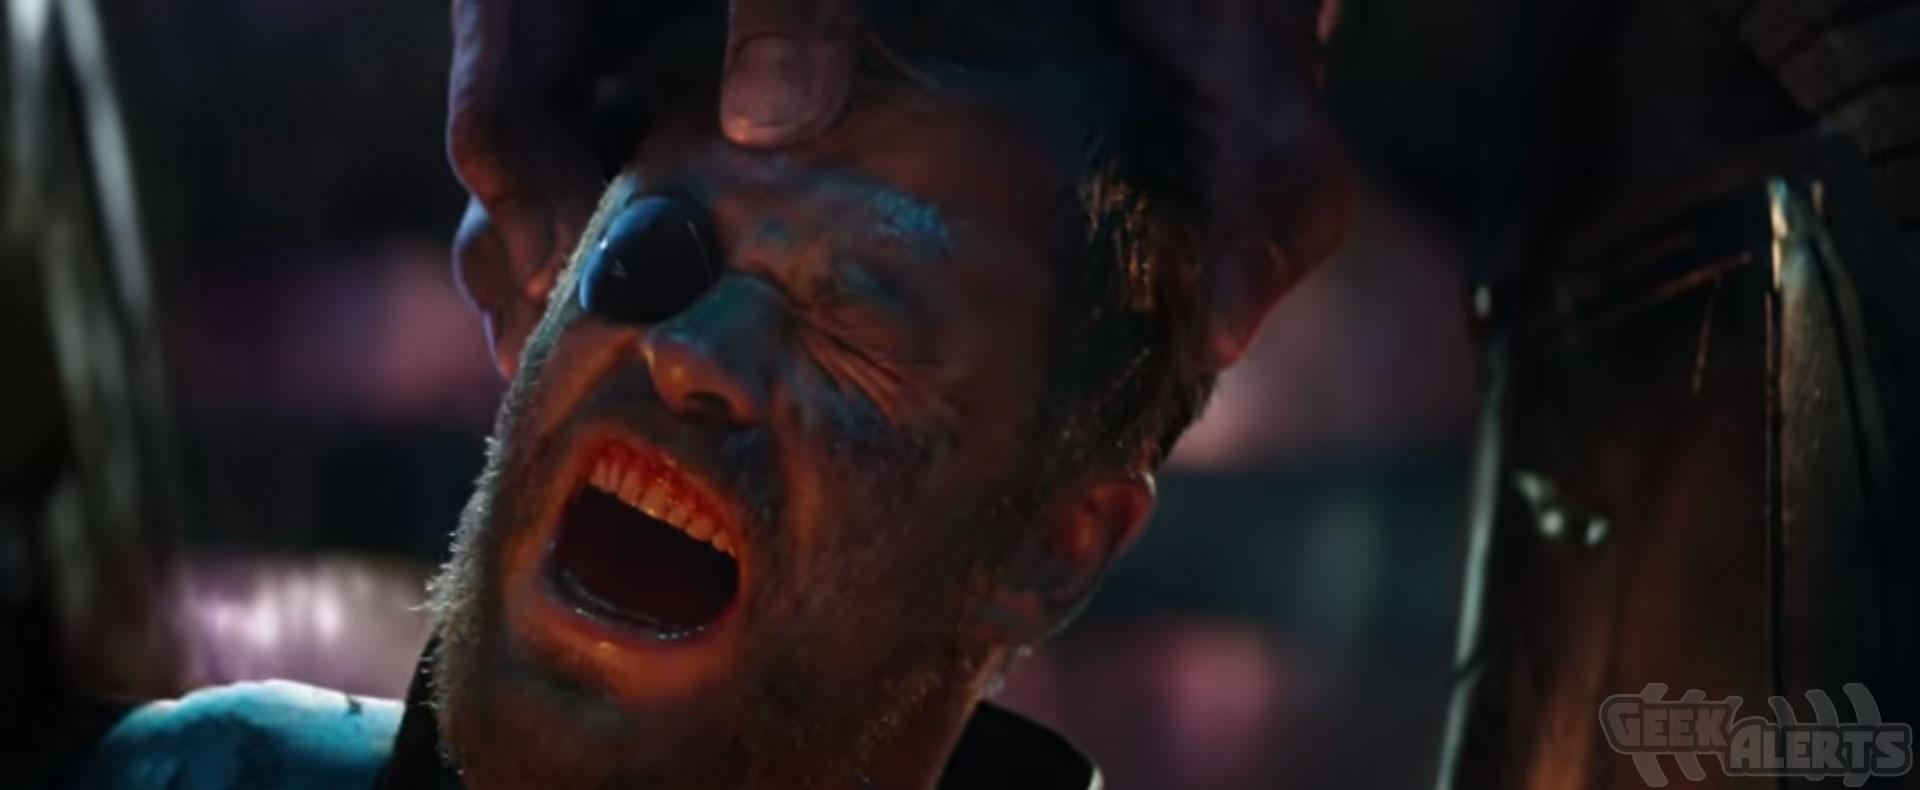 New Marvel Studios' Avengers: Infinity War – Official Trailer